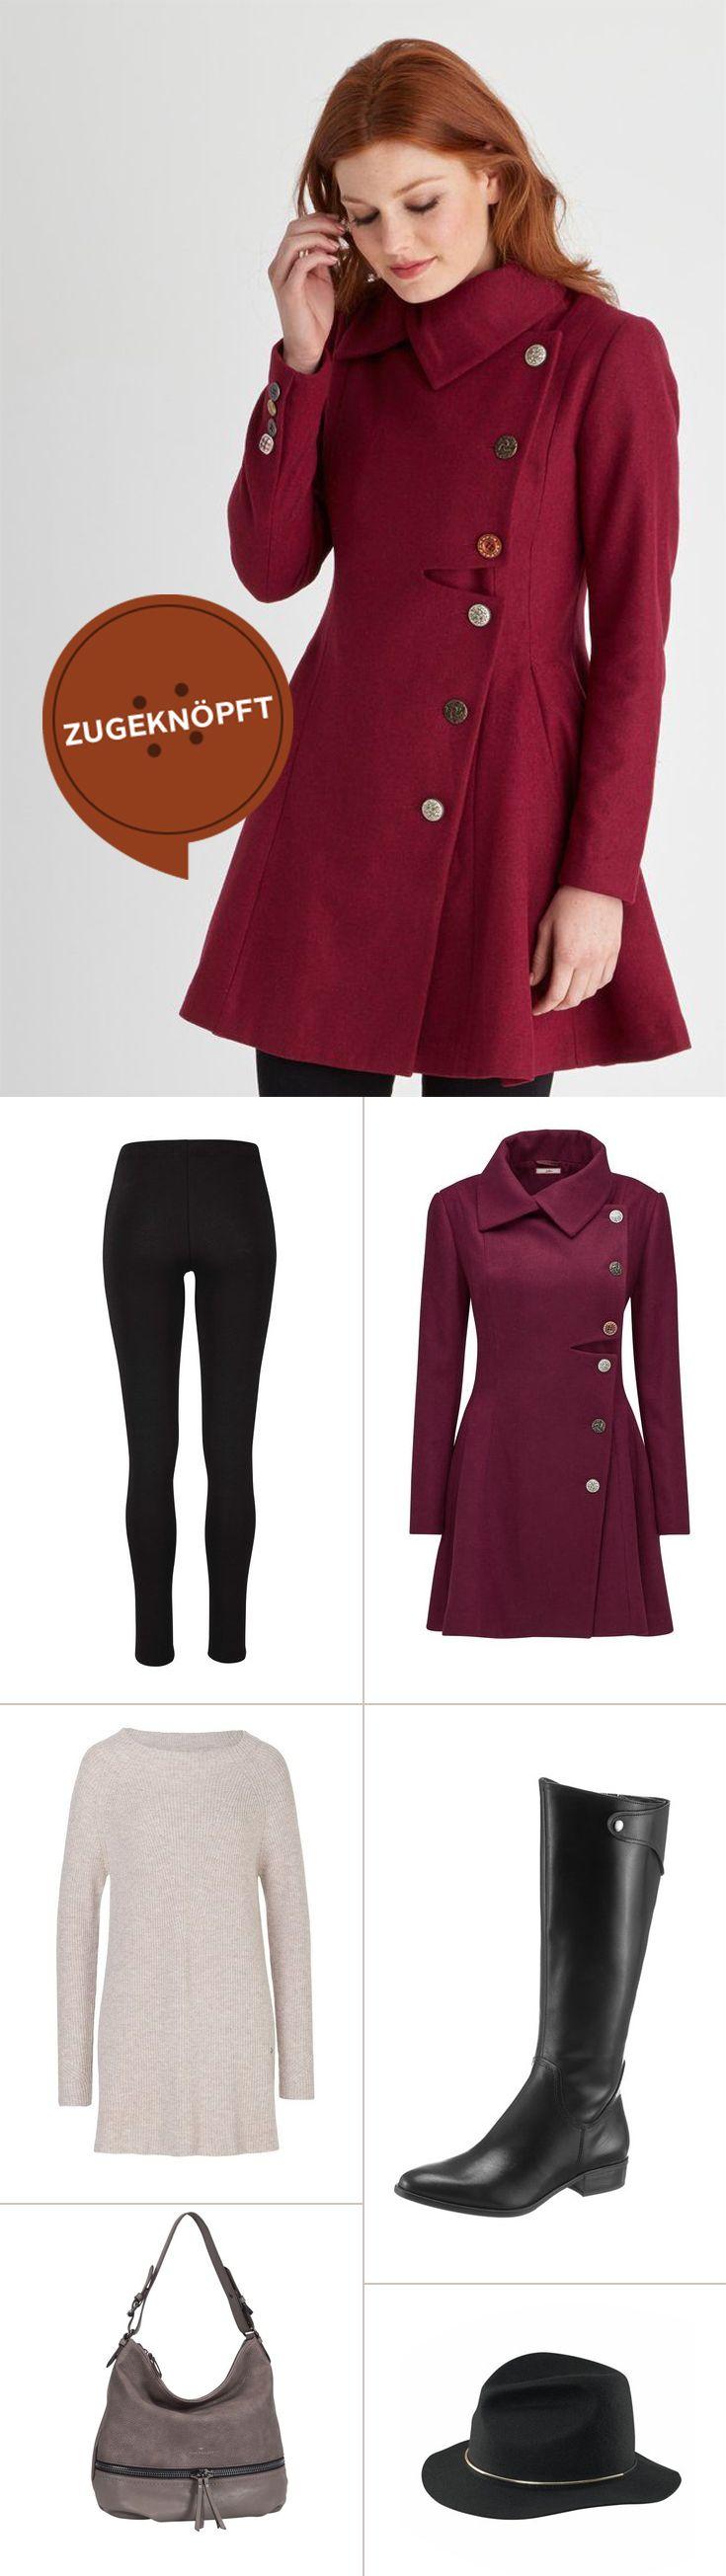 Erdige Farben wie bordeaux kommen im Herbst besonders gut zur Geltung. So wie hier mit dem eleganten Kurzmantel, den du je nach Belieben mit einem überlangen Pullover, Leggins und Stiefeln kombinieren kannst. Mit dem Hut setzt du stylische Akzente.